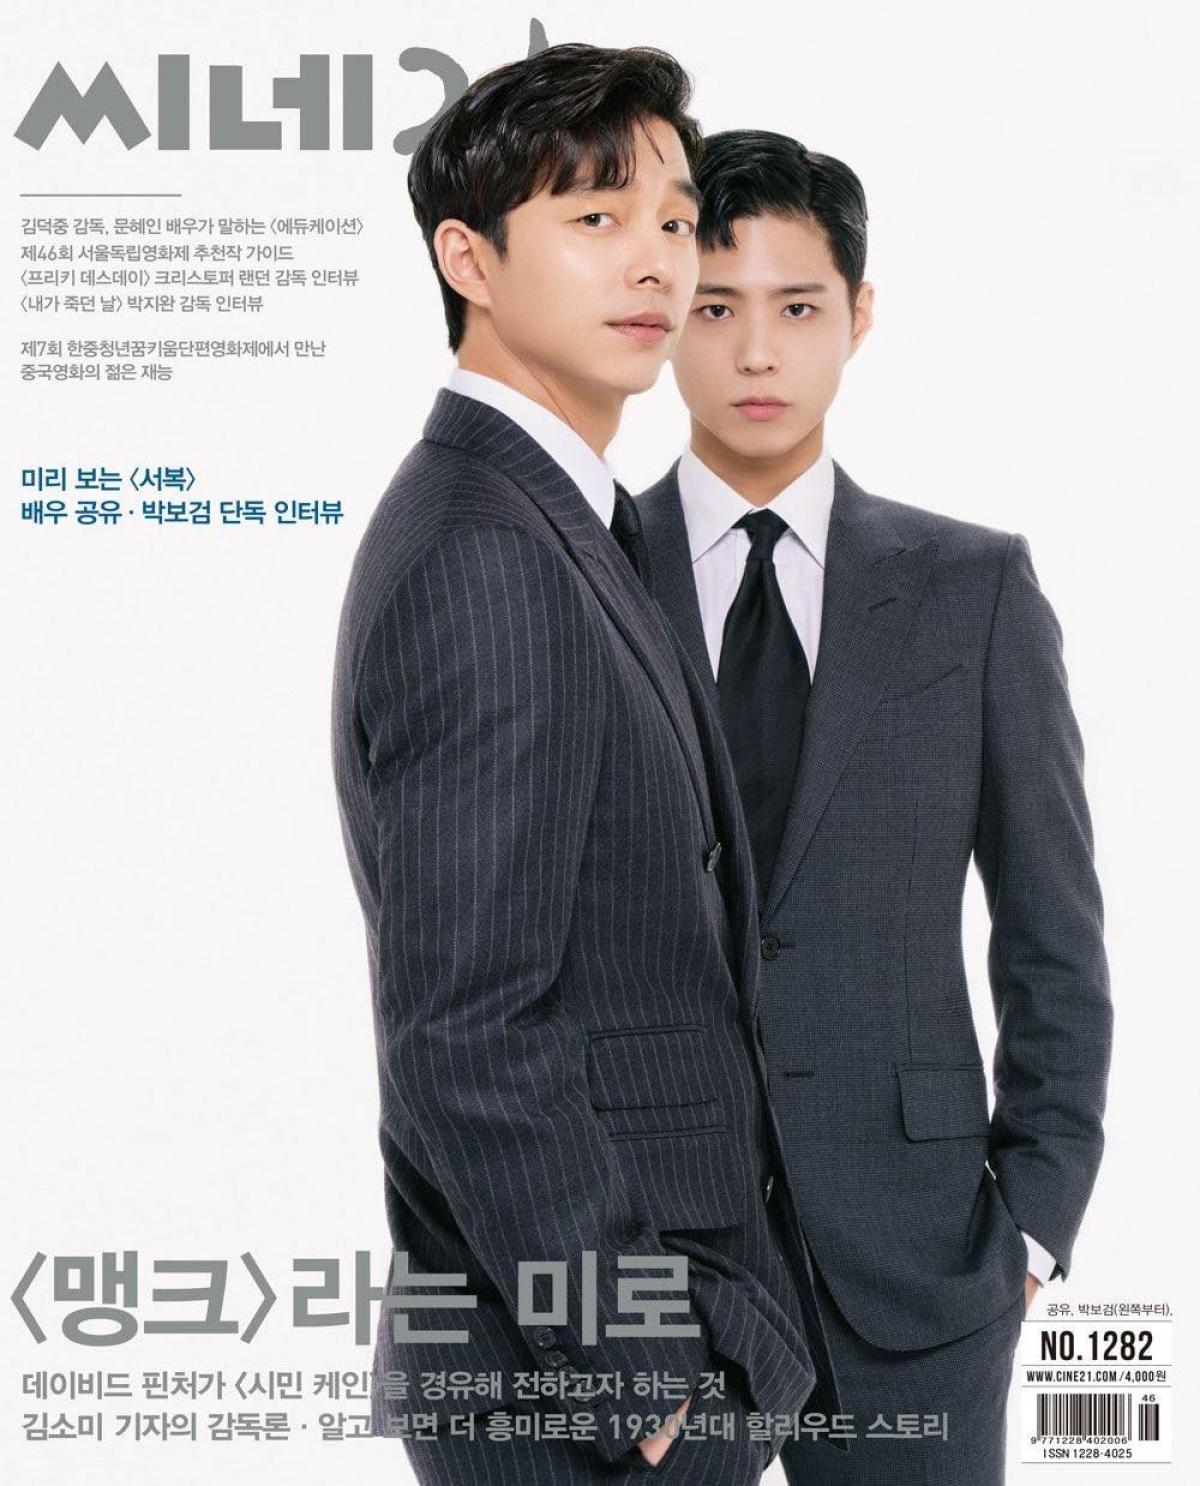 Mới đây, bộ đôi tài tử Gong Yoo và Park Bo Gum là gương mặt trang bìa số tháng 11 của tạp chí điện ảnh Cine21.